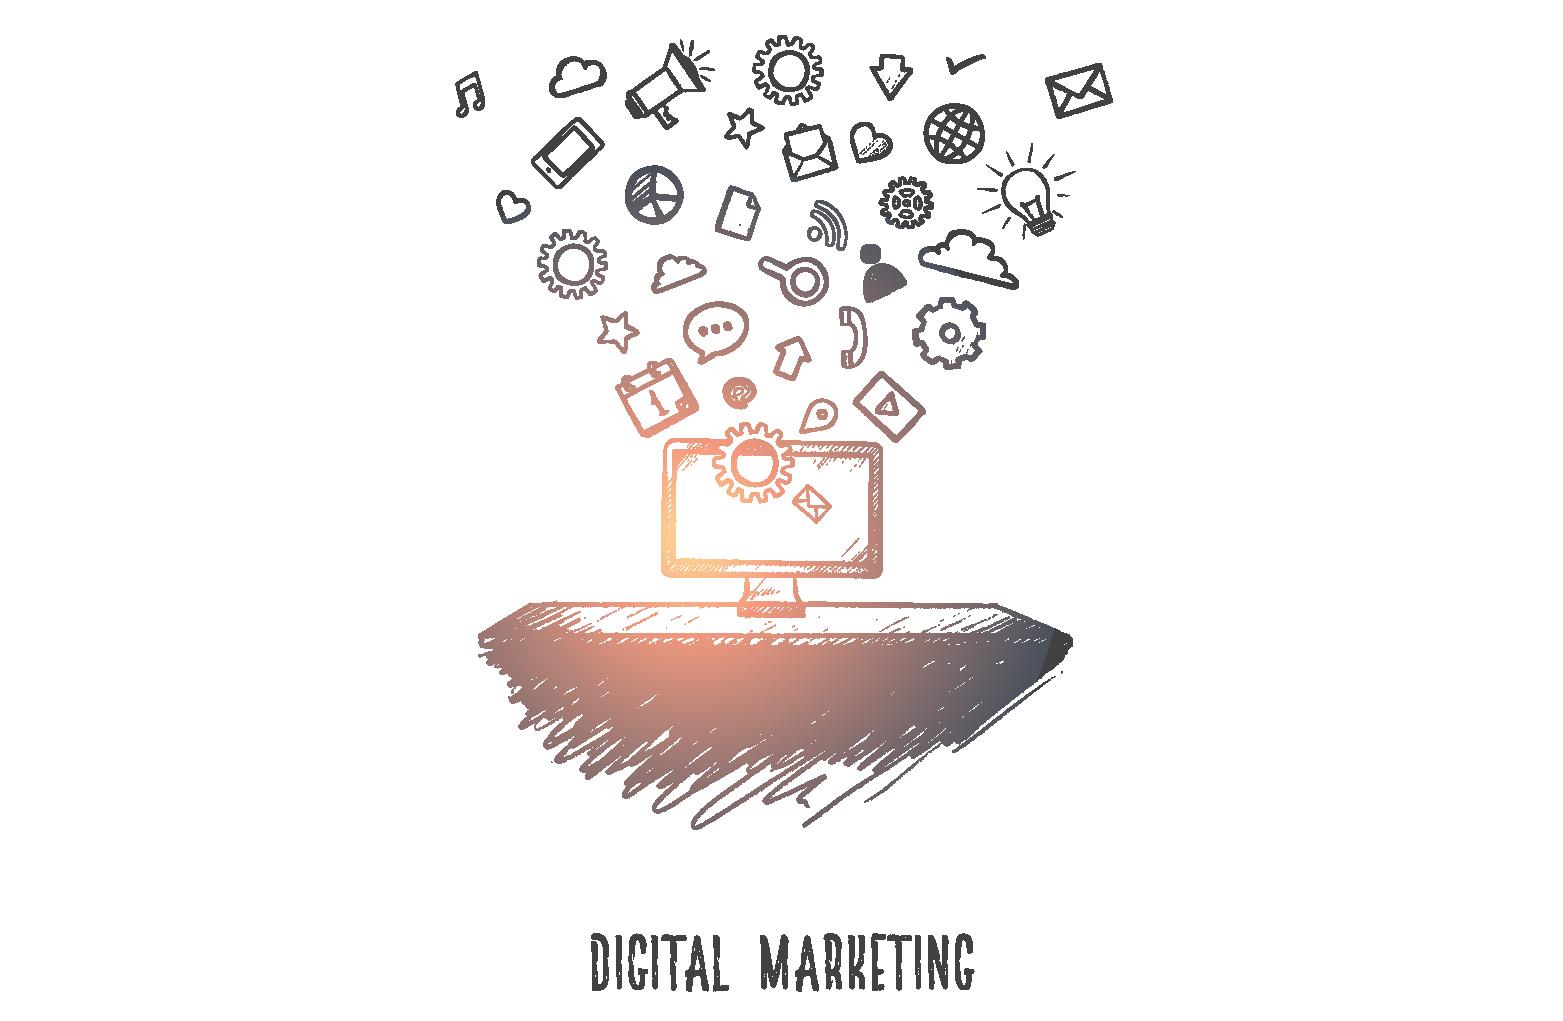 Tendencias de marketing digital que posiblemente desaparecerán